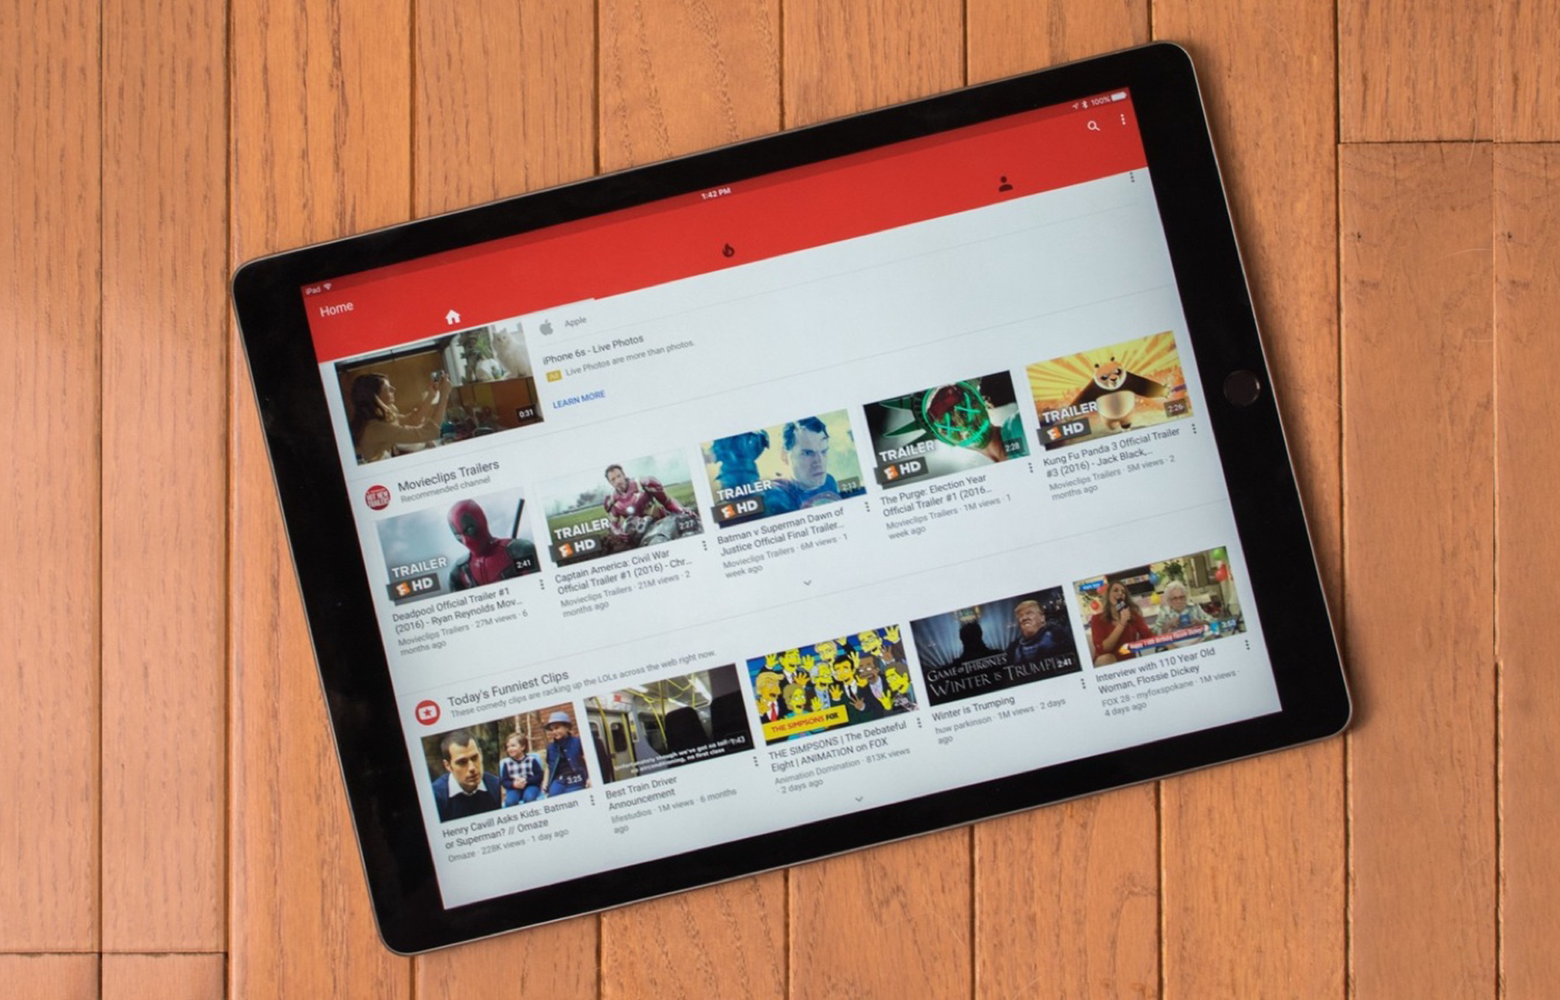 Google lanza una versión de su aplicación oficial para ver vídeos, YouTube para iPhone, iPad y iPod touch, con características que mejoran la visualización.